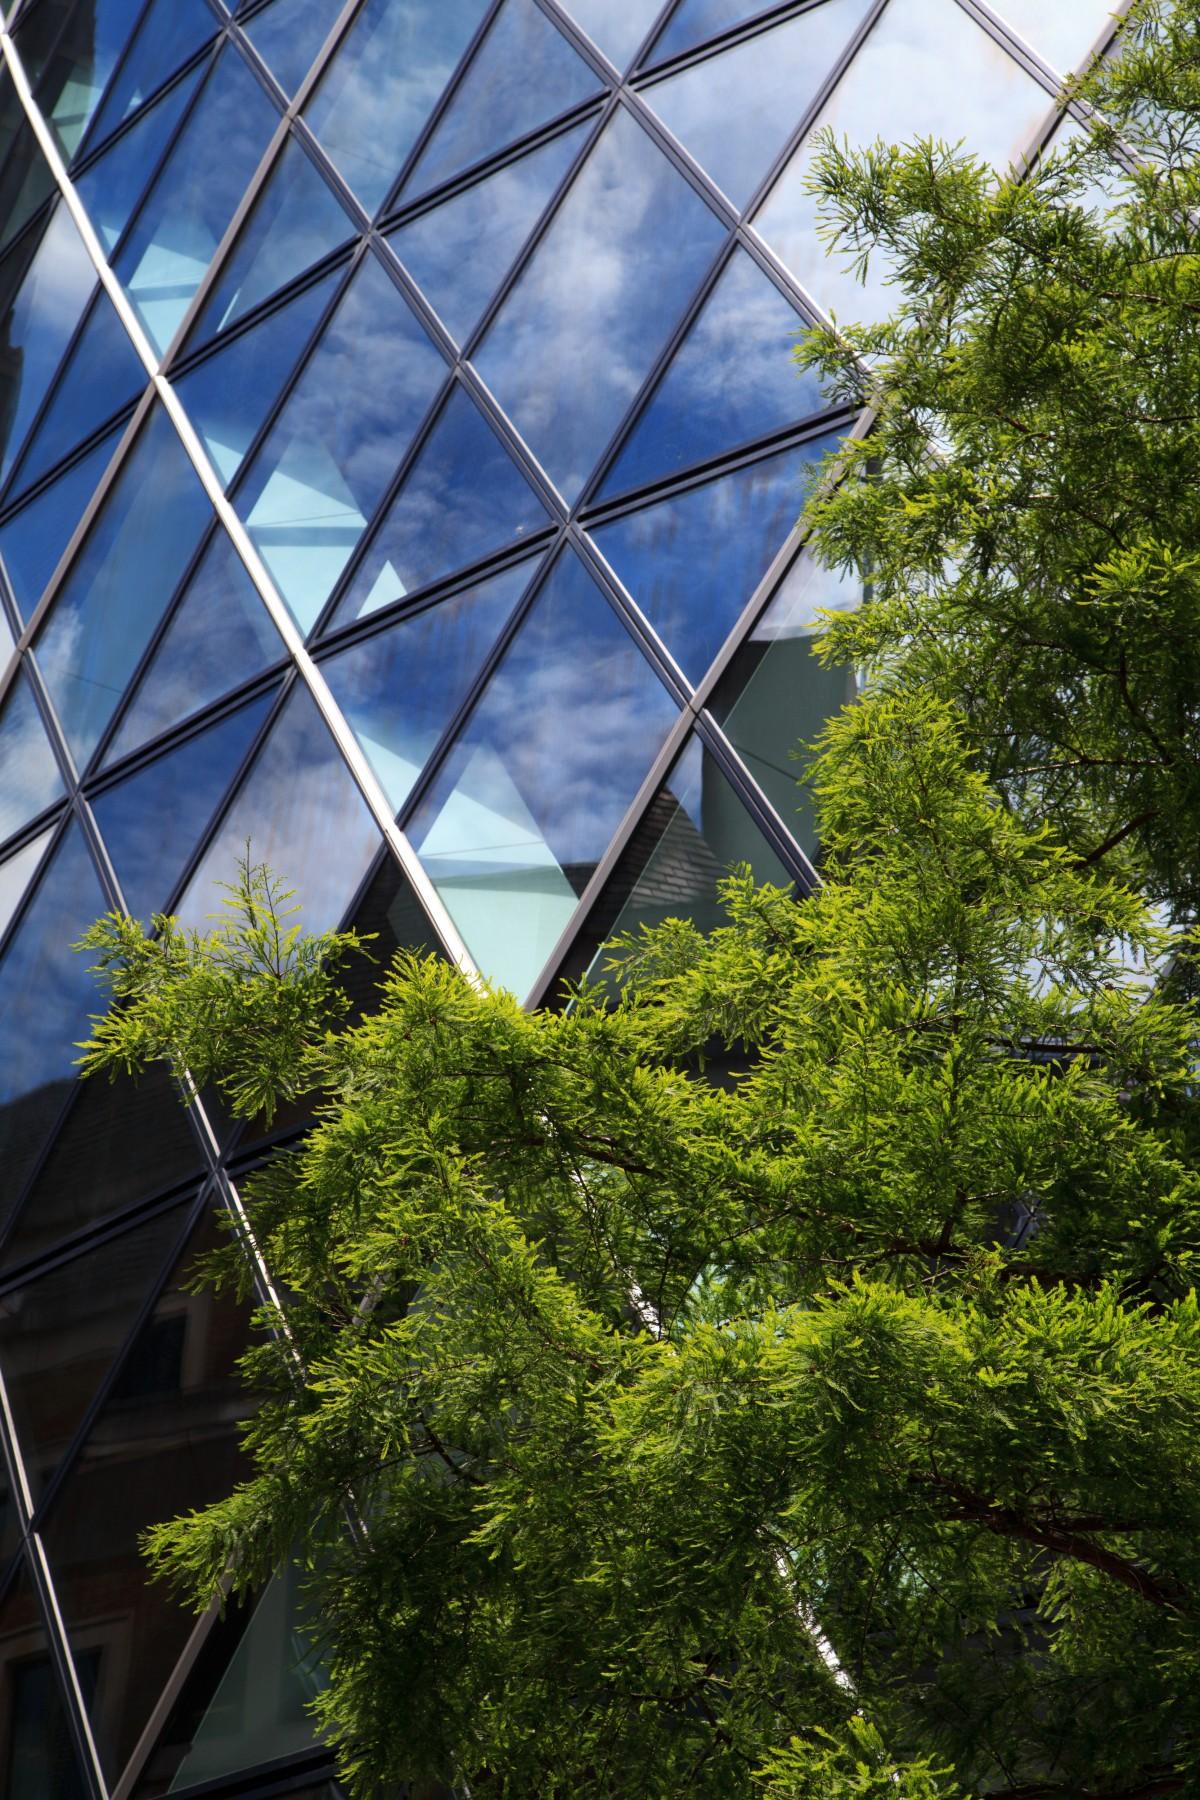 Nederlands bedrijfsleven is voor duurzaamheid binnen herstel